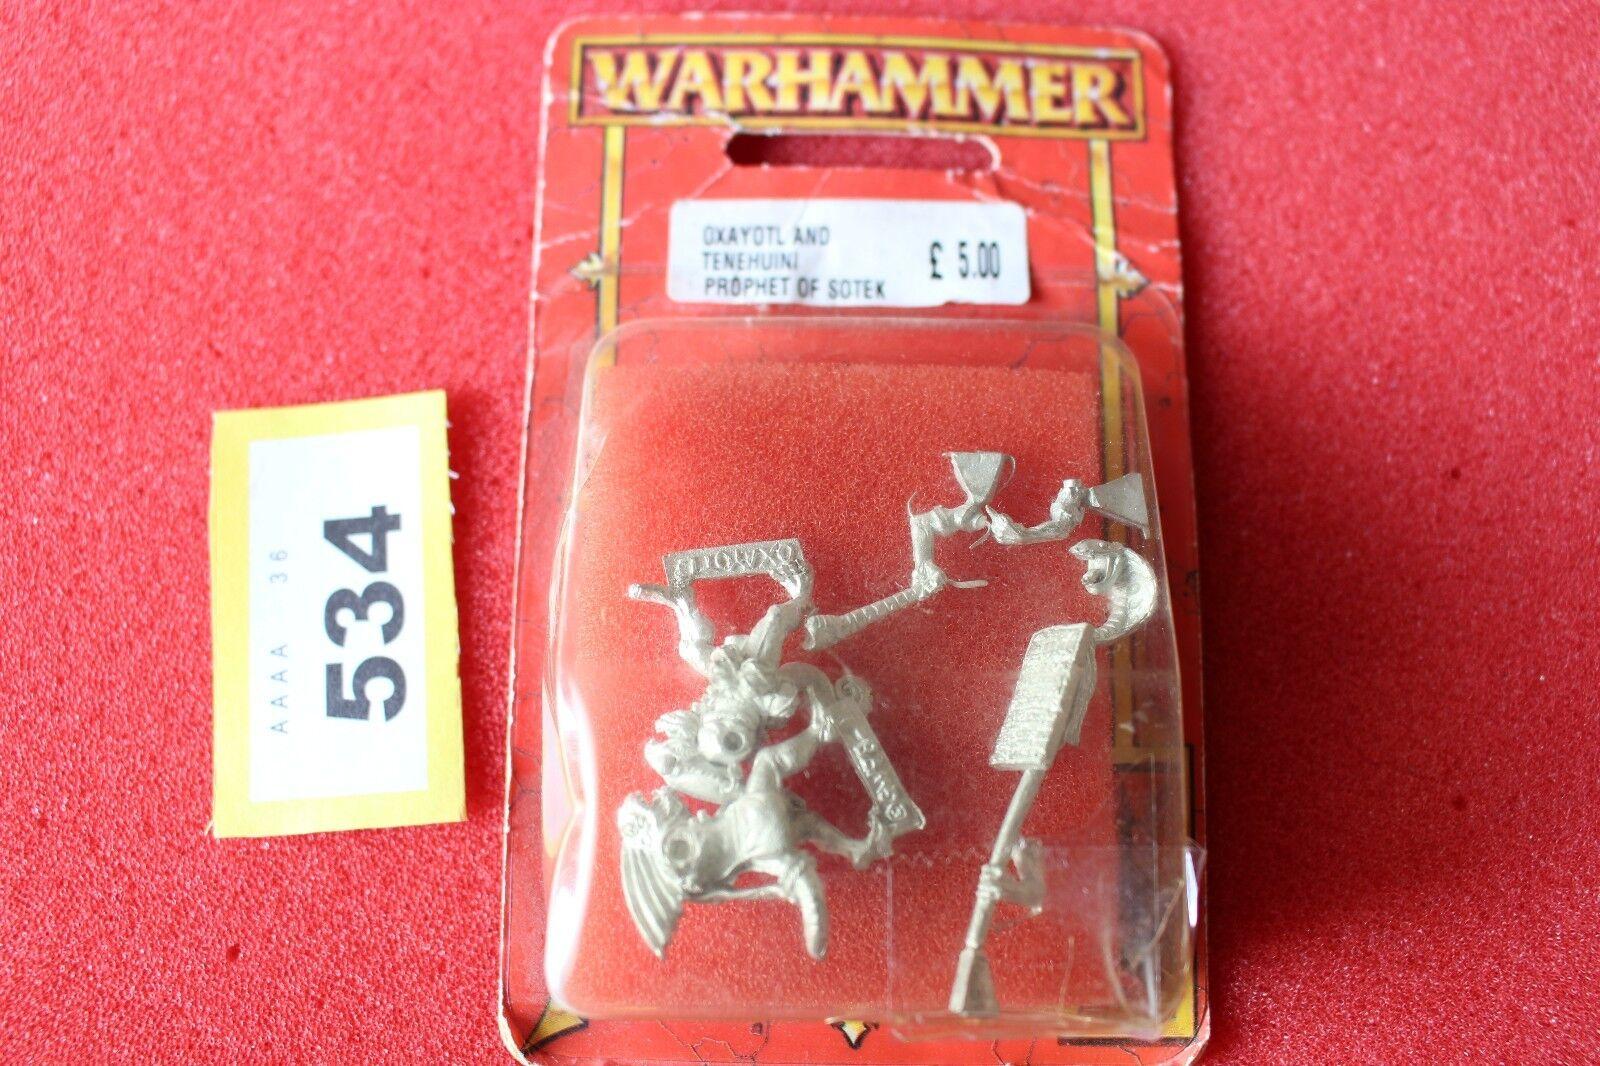 barato y de alta calidad Juegos taller Warhammer Lagarto Lagarto Lagarto oxayotl y tenehuini profeta de Sotek Nuevo Y En Caja  ventas en línea de venta